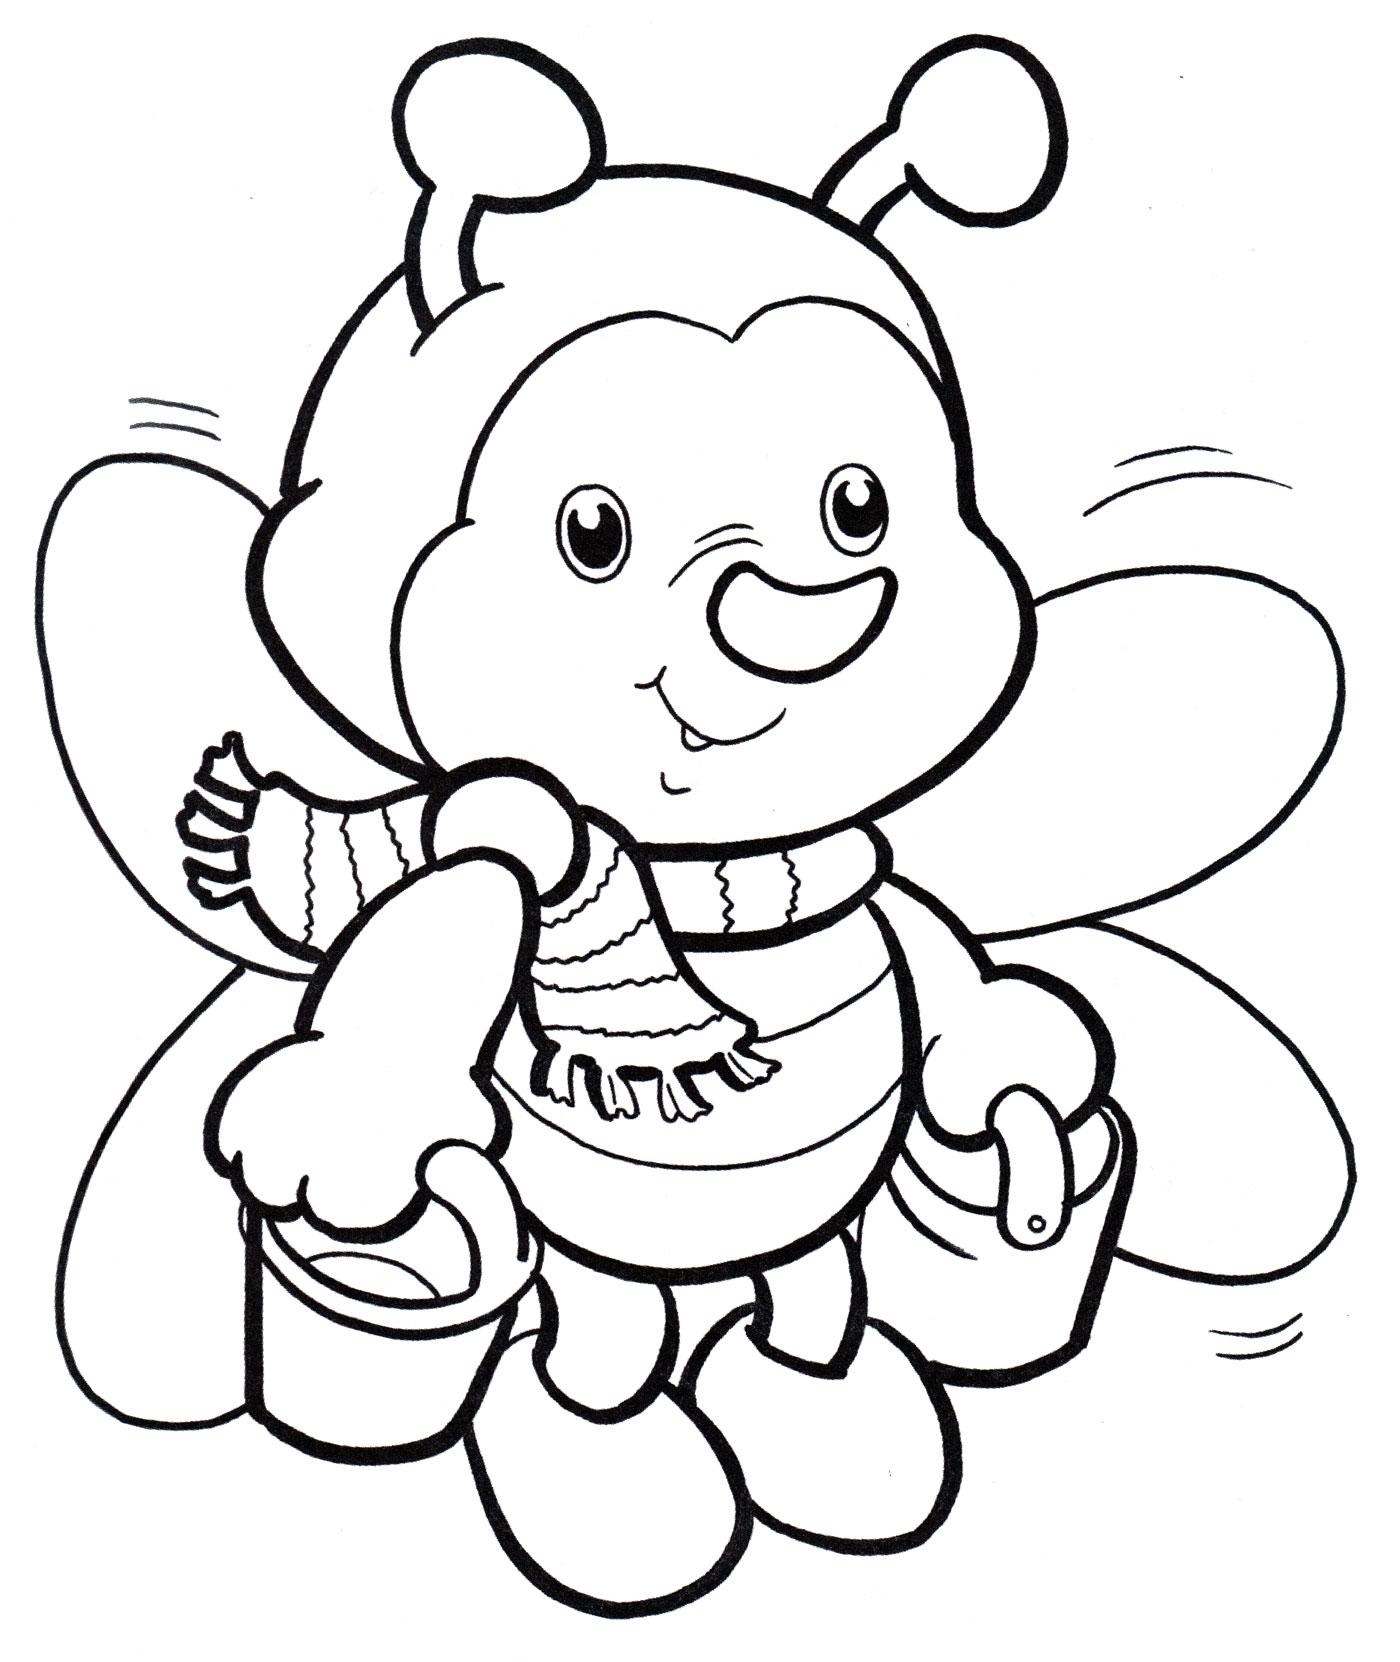 Раскраска Пчелка с медом - распечатать бесплатно